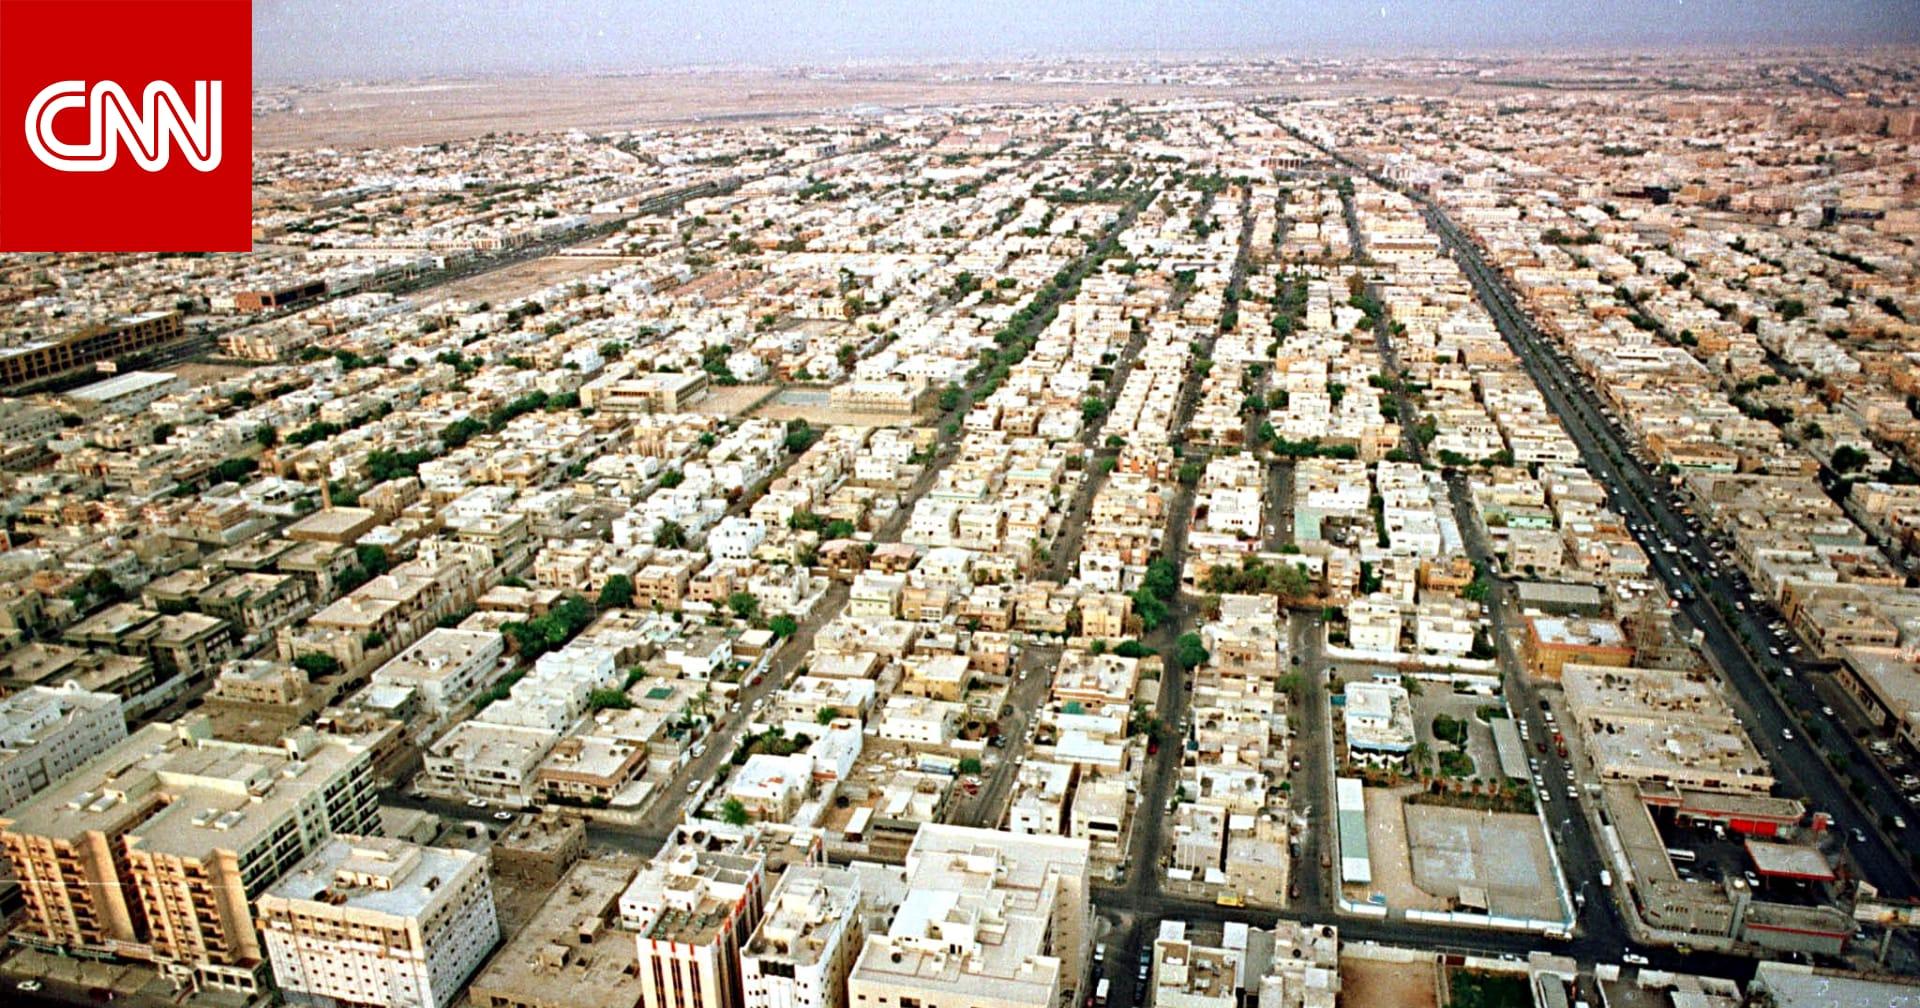 مجلس الوزراء السعودي يعدل لائحة رسوم الأراضي البيضاء بـ3 مراحل تنفيذية